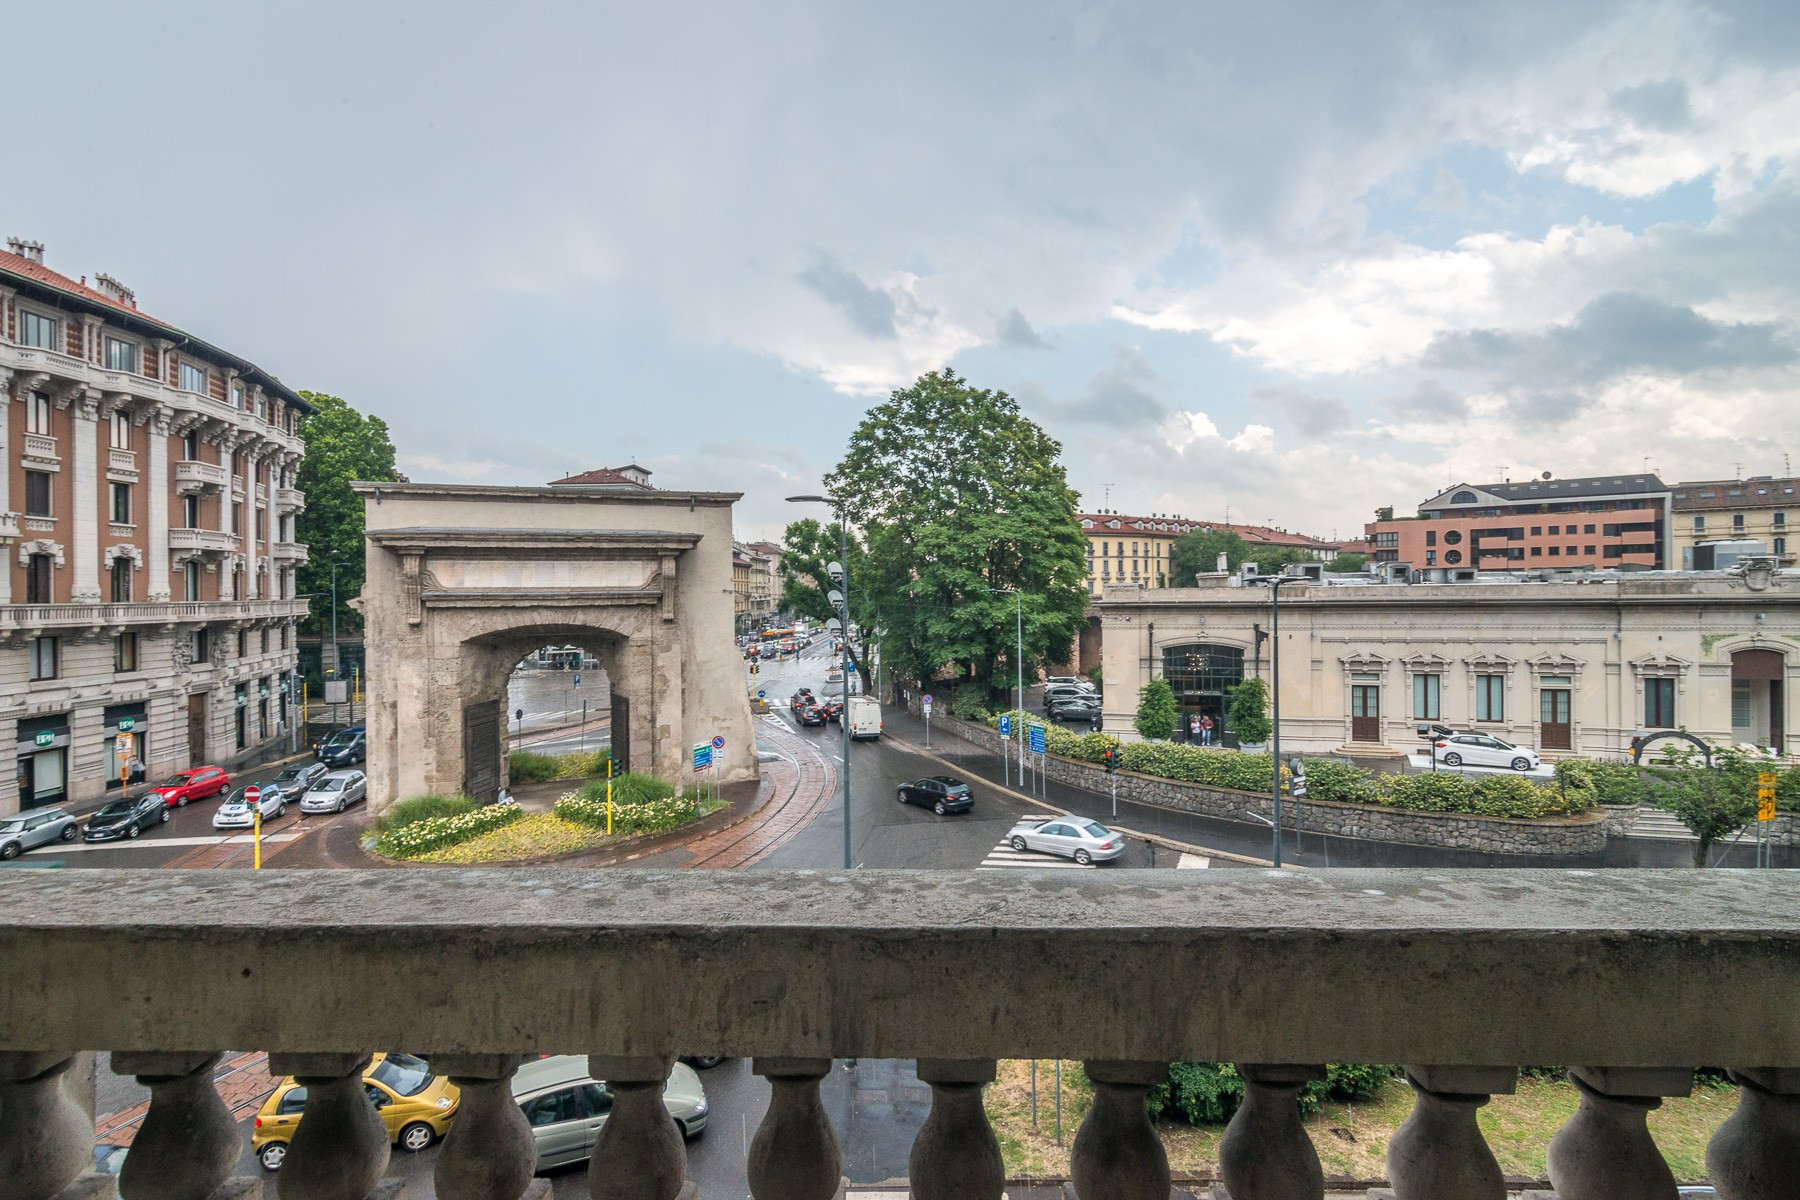 Milan corso di porta romana sotheby s international realty - Corso di porta romana ...